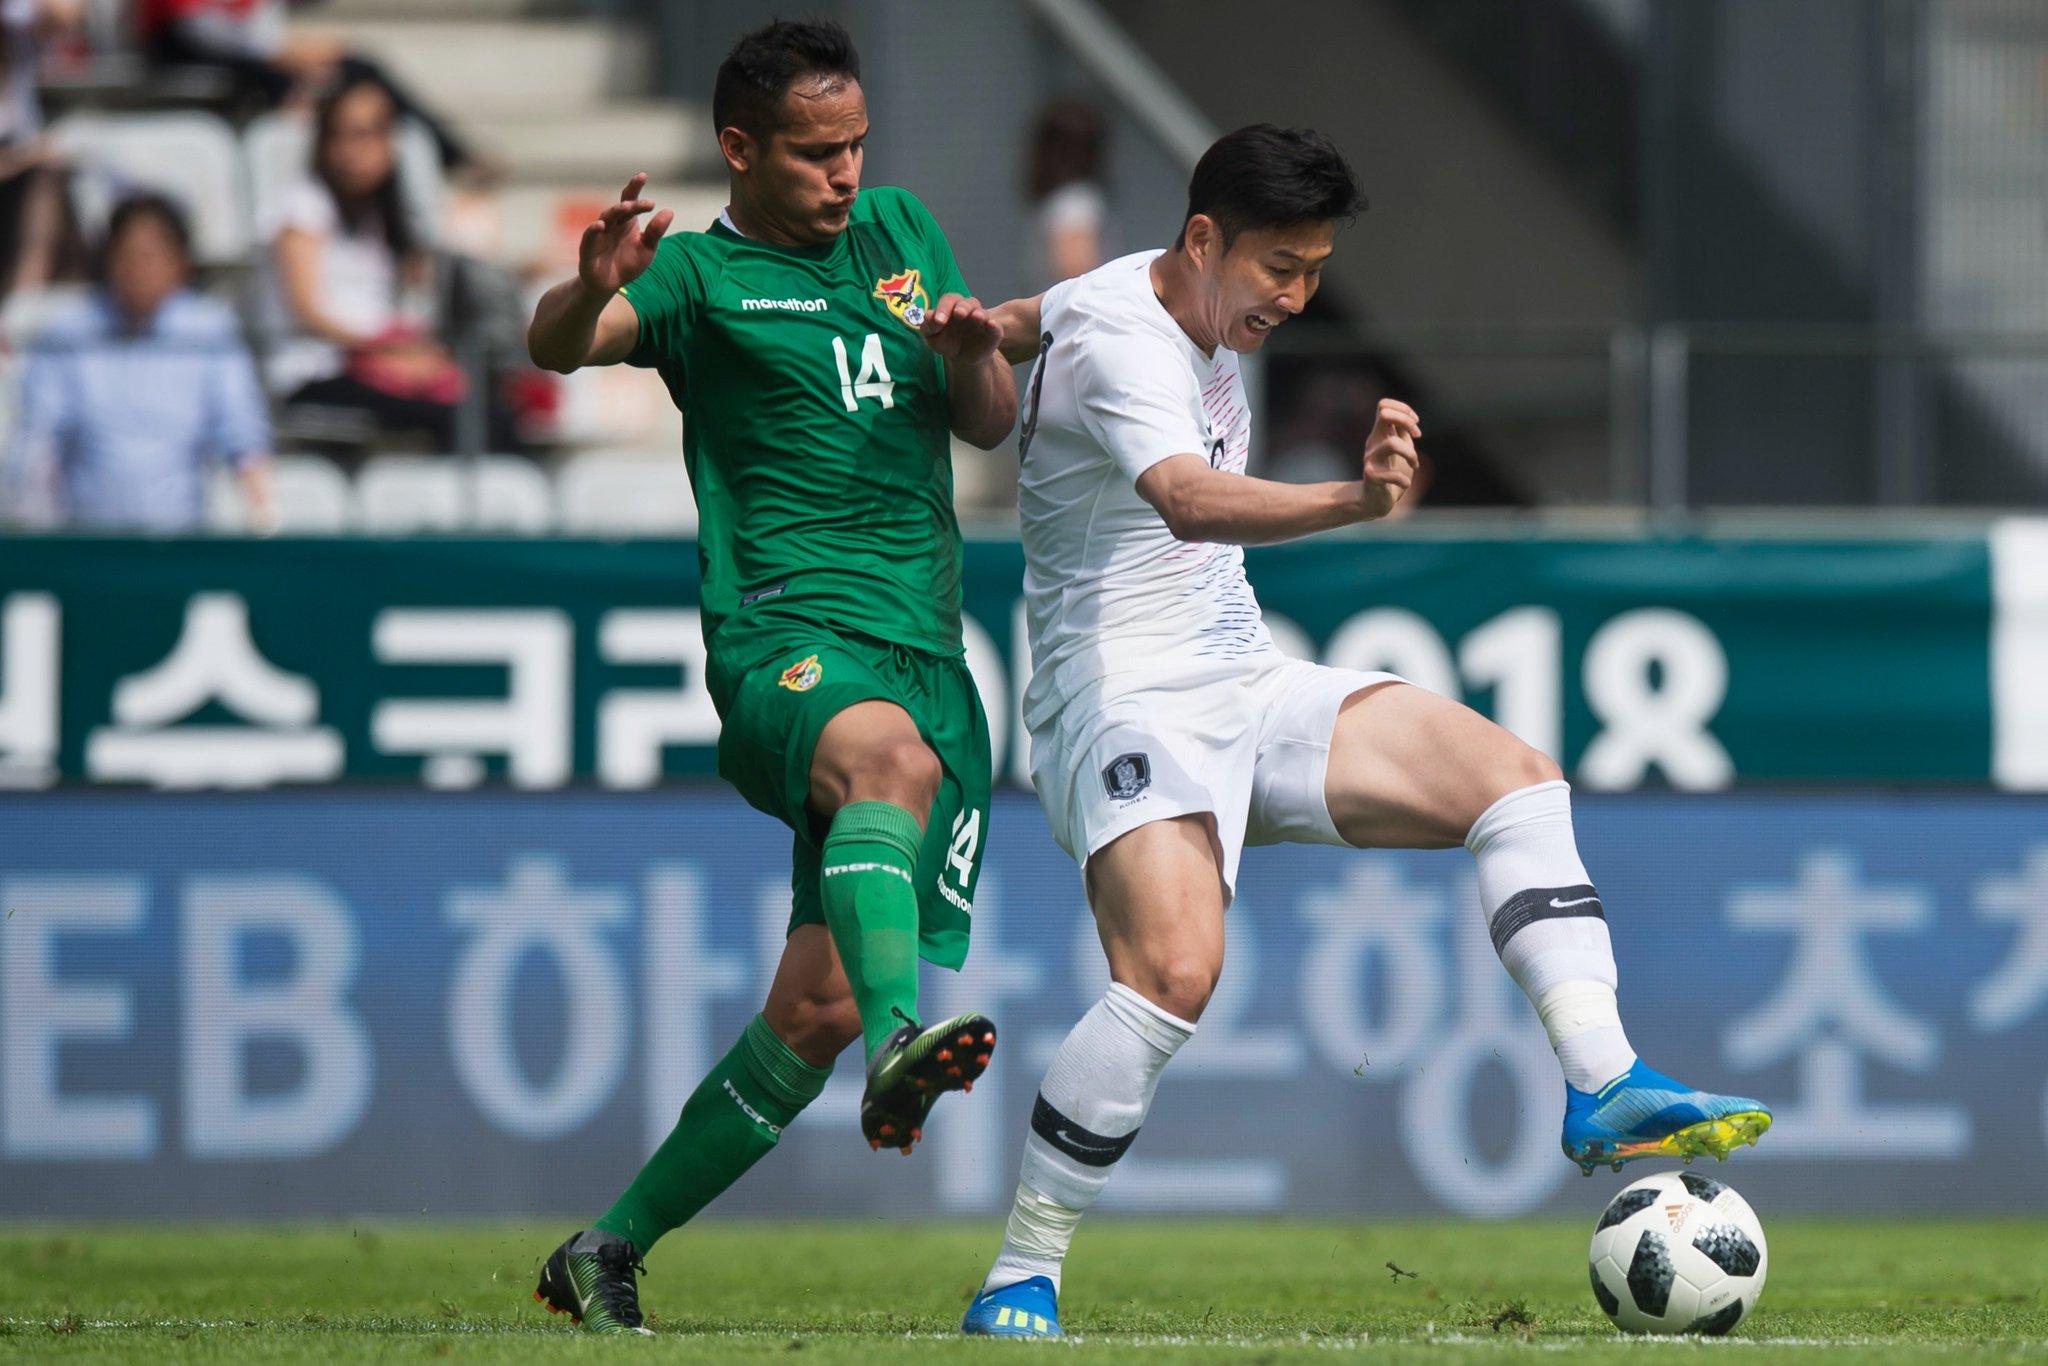 จืดชืด!! โสมขาว อุ่นแข้งเจ๊าโบลิเวีย 0-0 เตรียมพร้อมก่อนบอลโลก